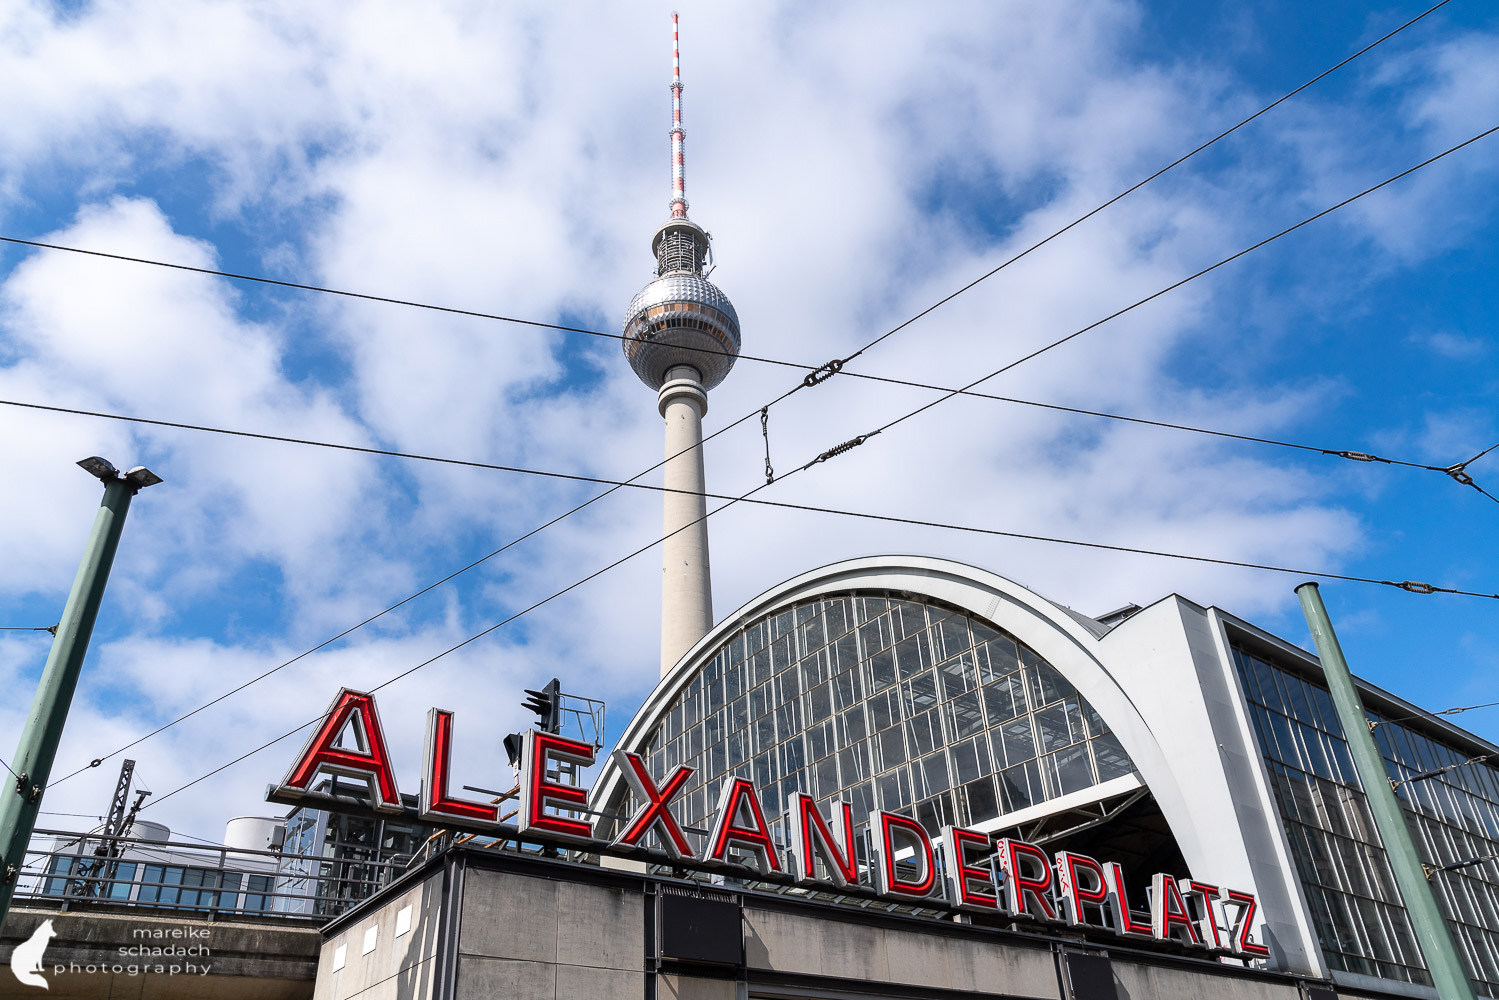 DDR Architektur in Berlin: Alexanderplatz mit dem Fernsehturm